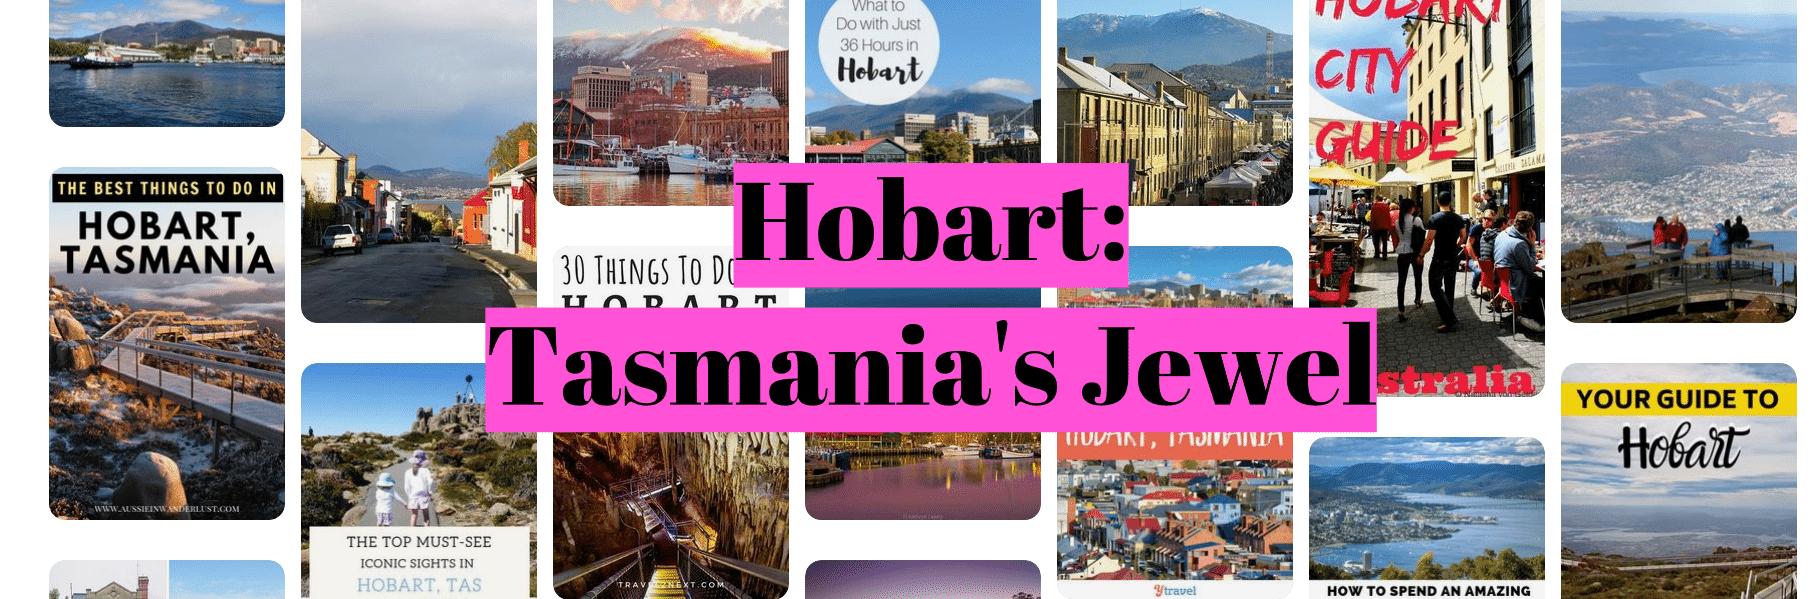 Hobart: Tasmania's Jewel